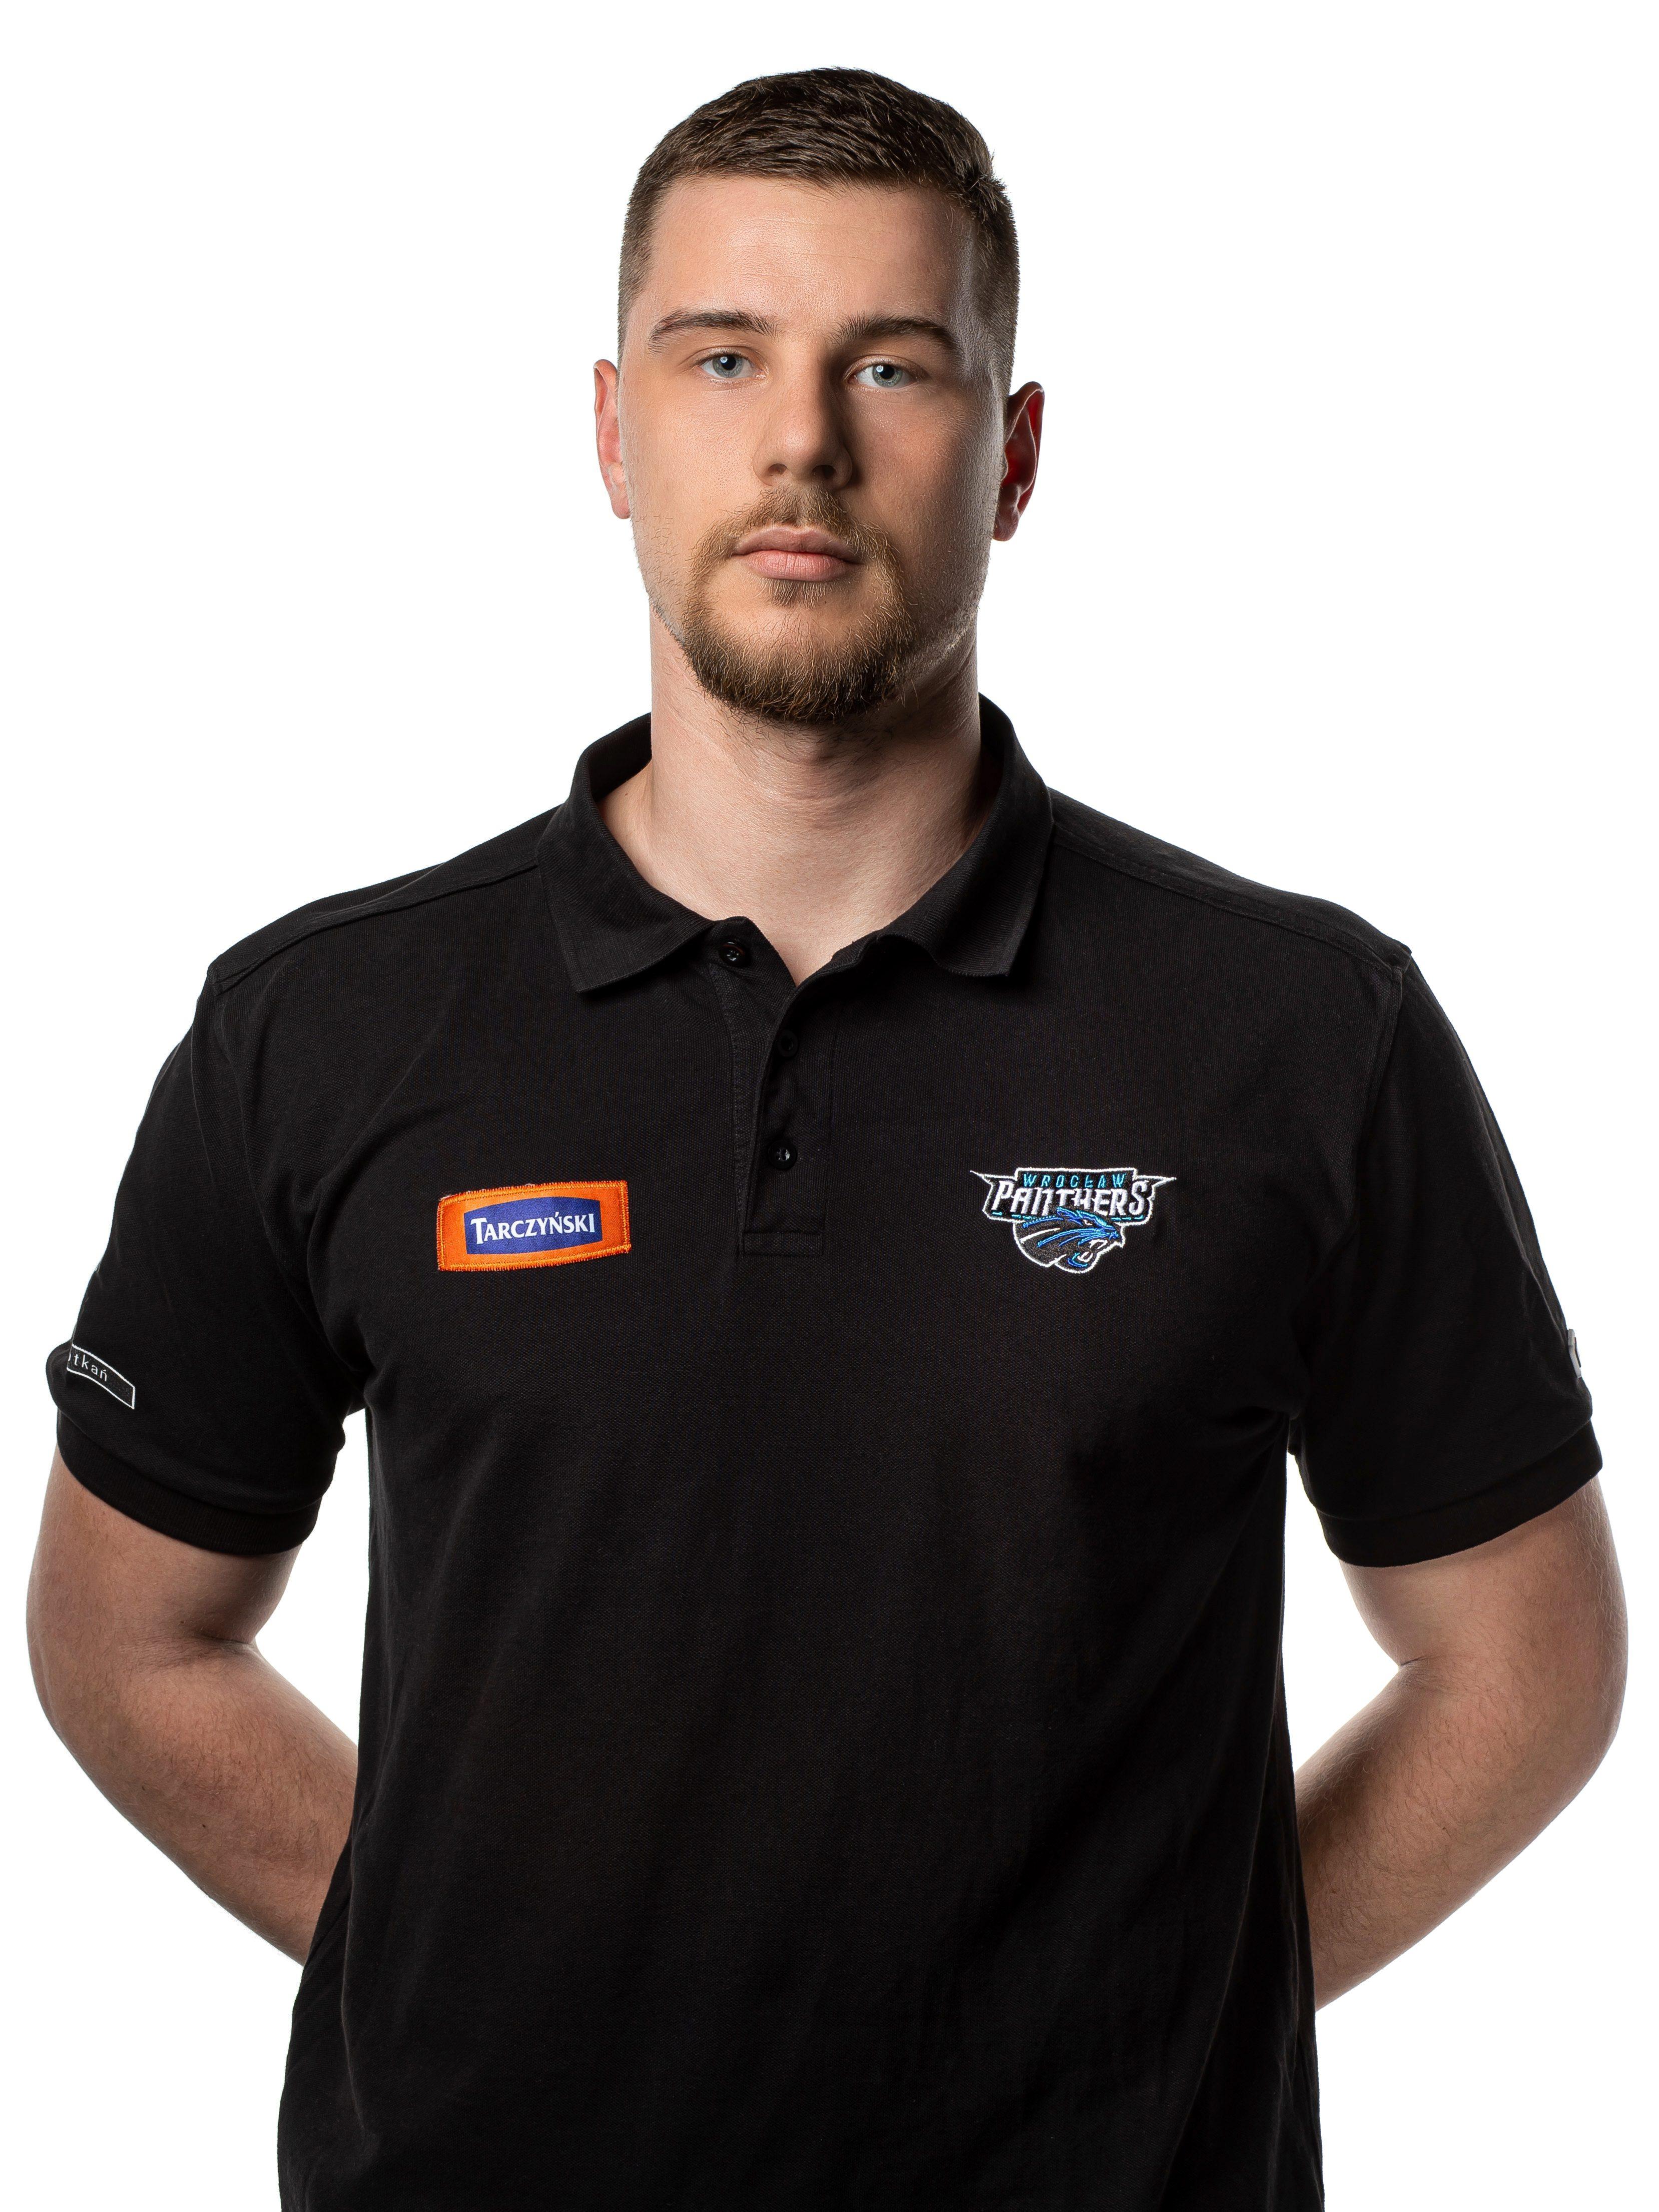 Szymon Grzebieniak